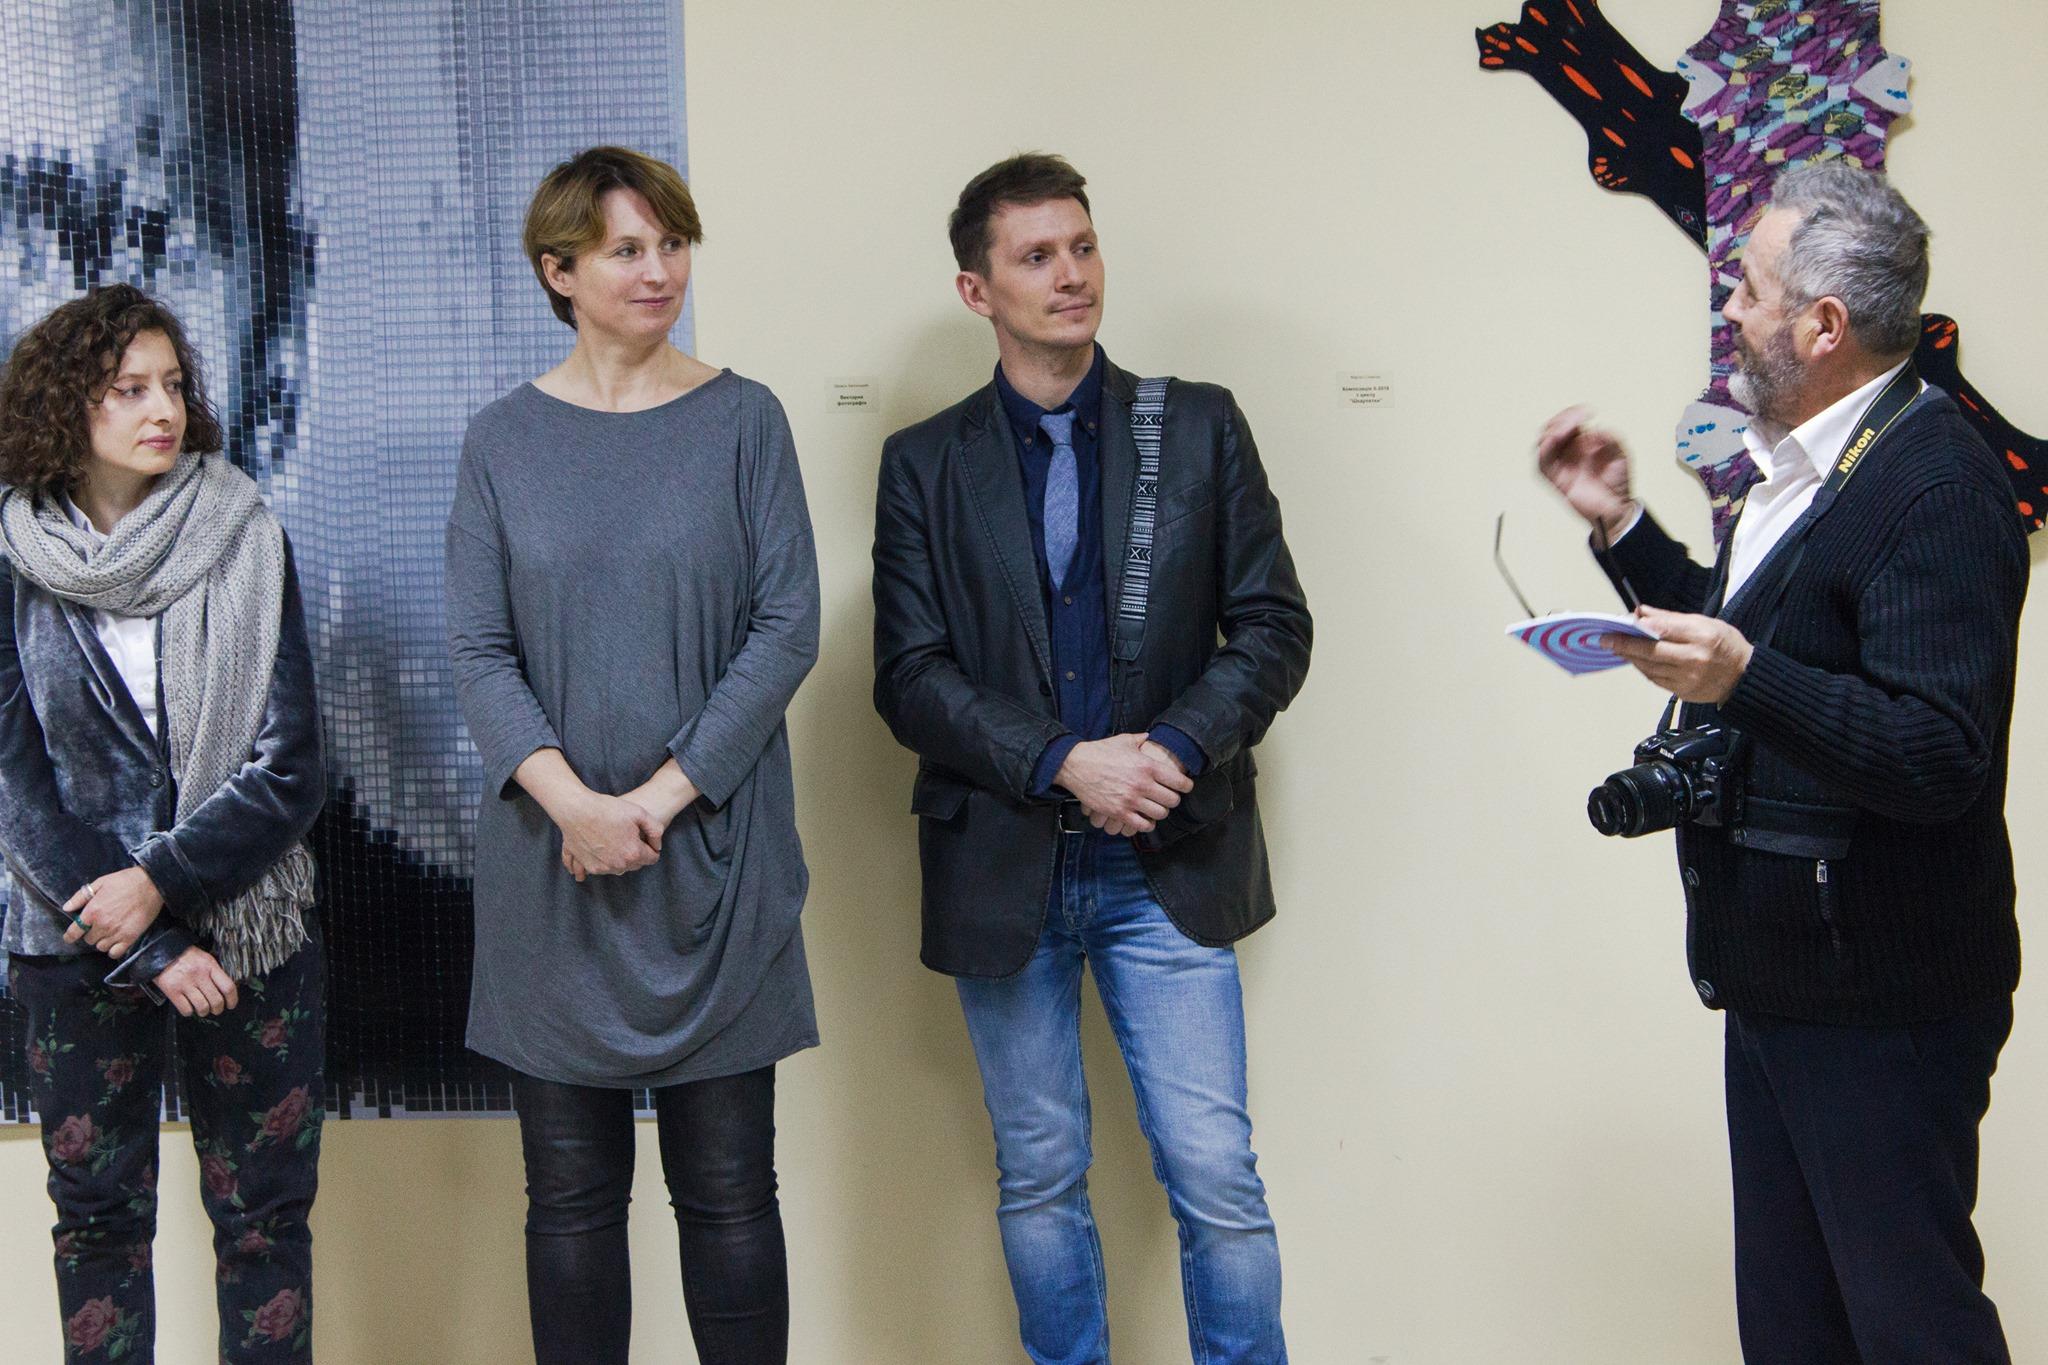 Цифрове мистецтво: у франківському ЦСМ відкрили виставку з Польщі 8